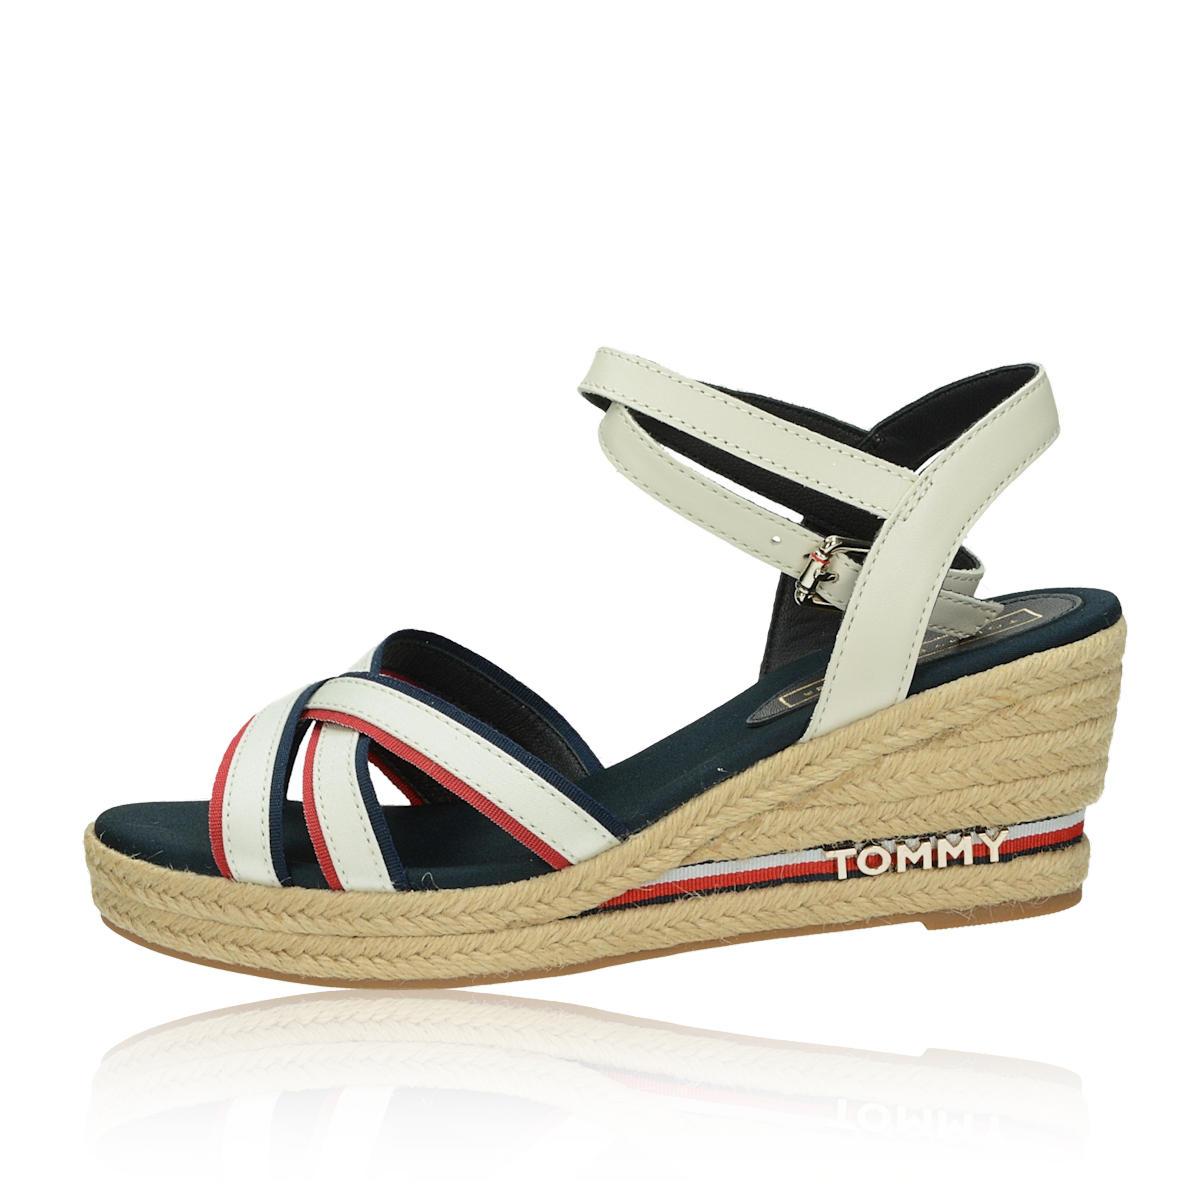 d9f2a170ee ... Tommy Hilfiger dámske štýlové sandále na klinovej podrážke - biele ...